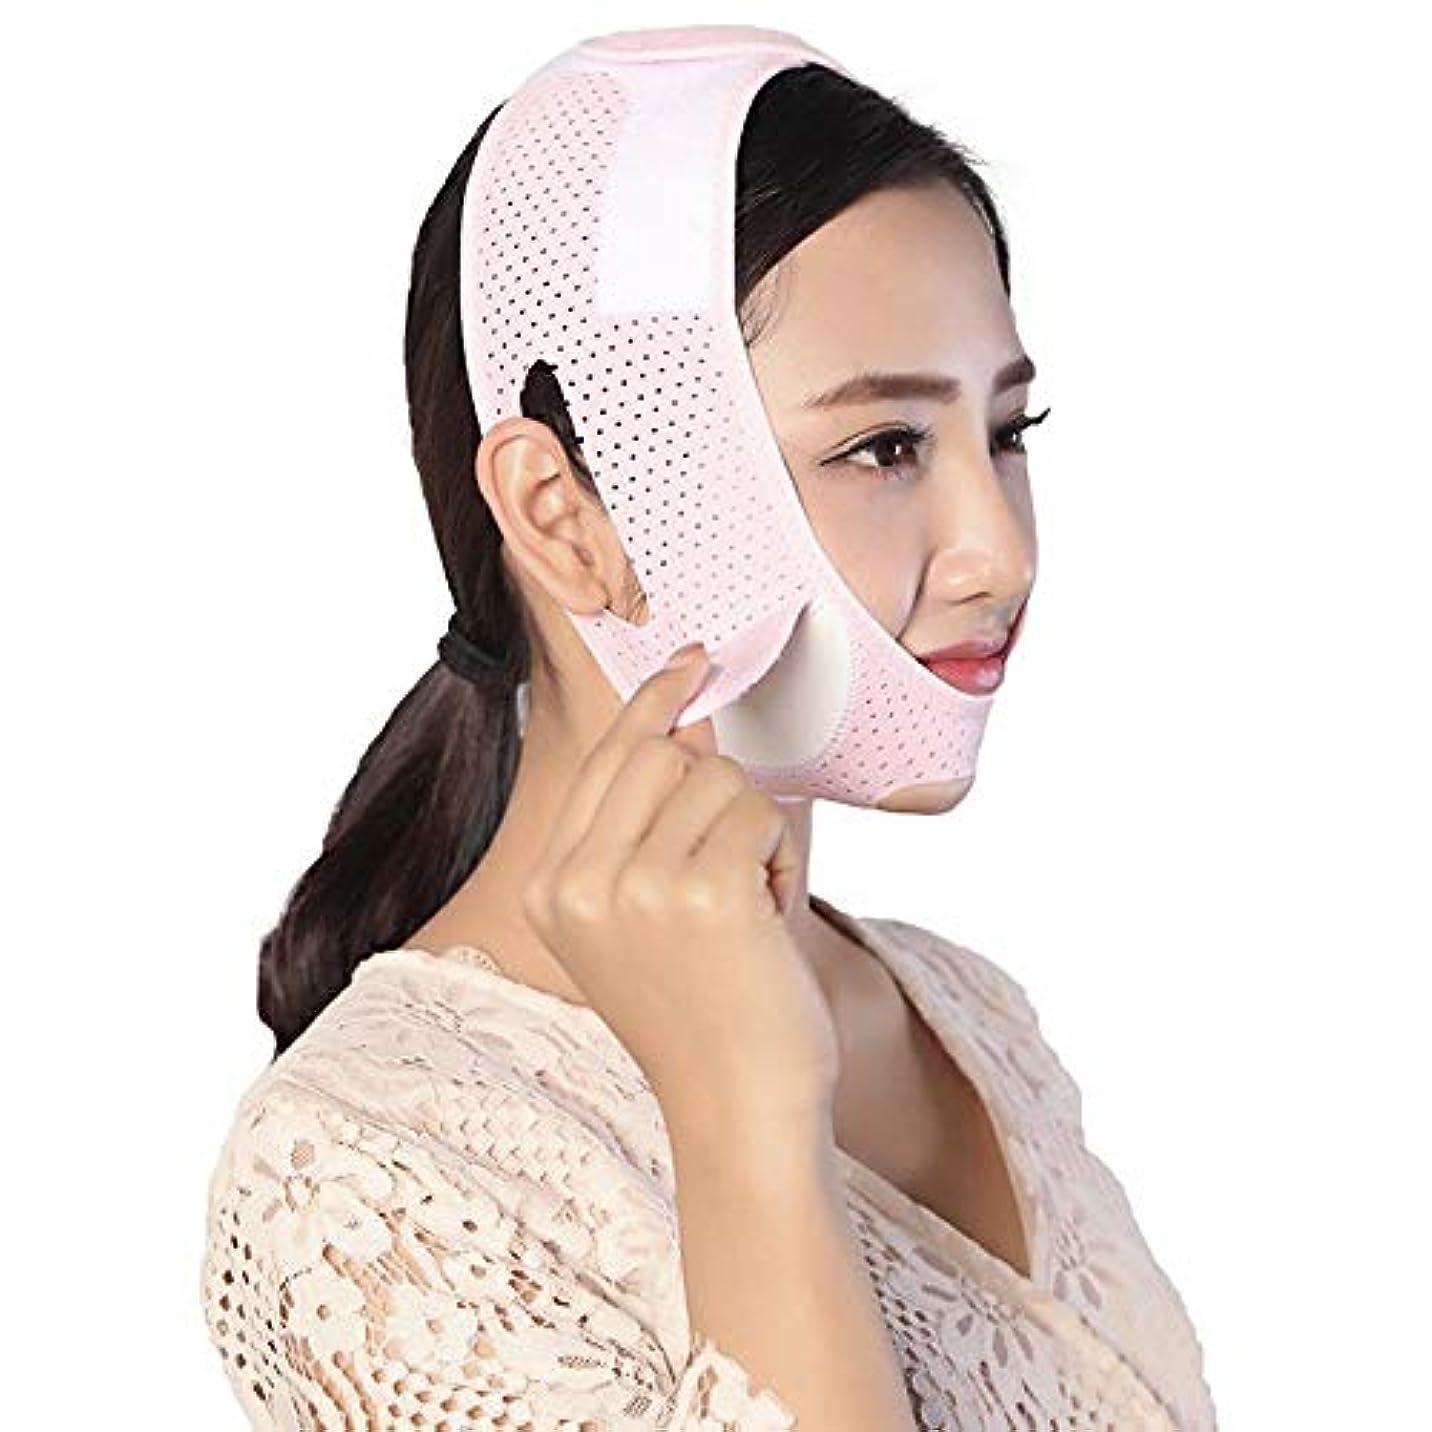 先煙安らぎ飛強強 フェイシャルリフティング痩身ベルト - 圧縮二重あご減量ベルトスキンケア薄い顔包帯 スリムフィット美容ツール